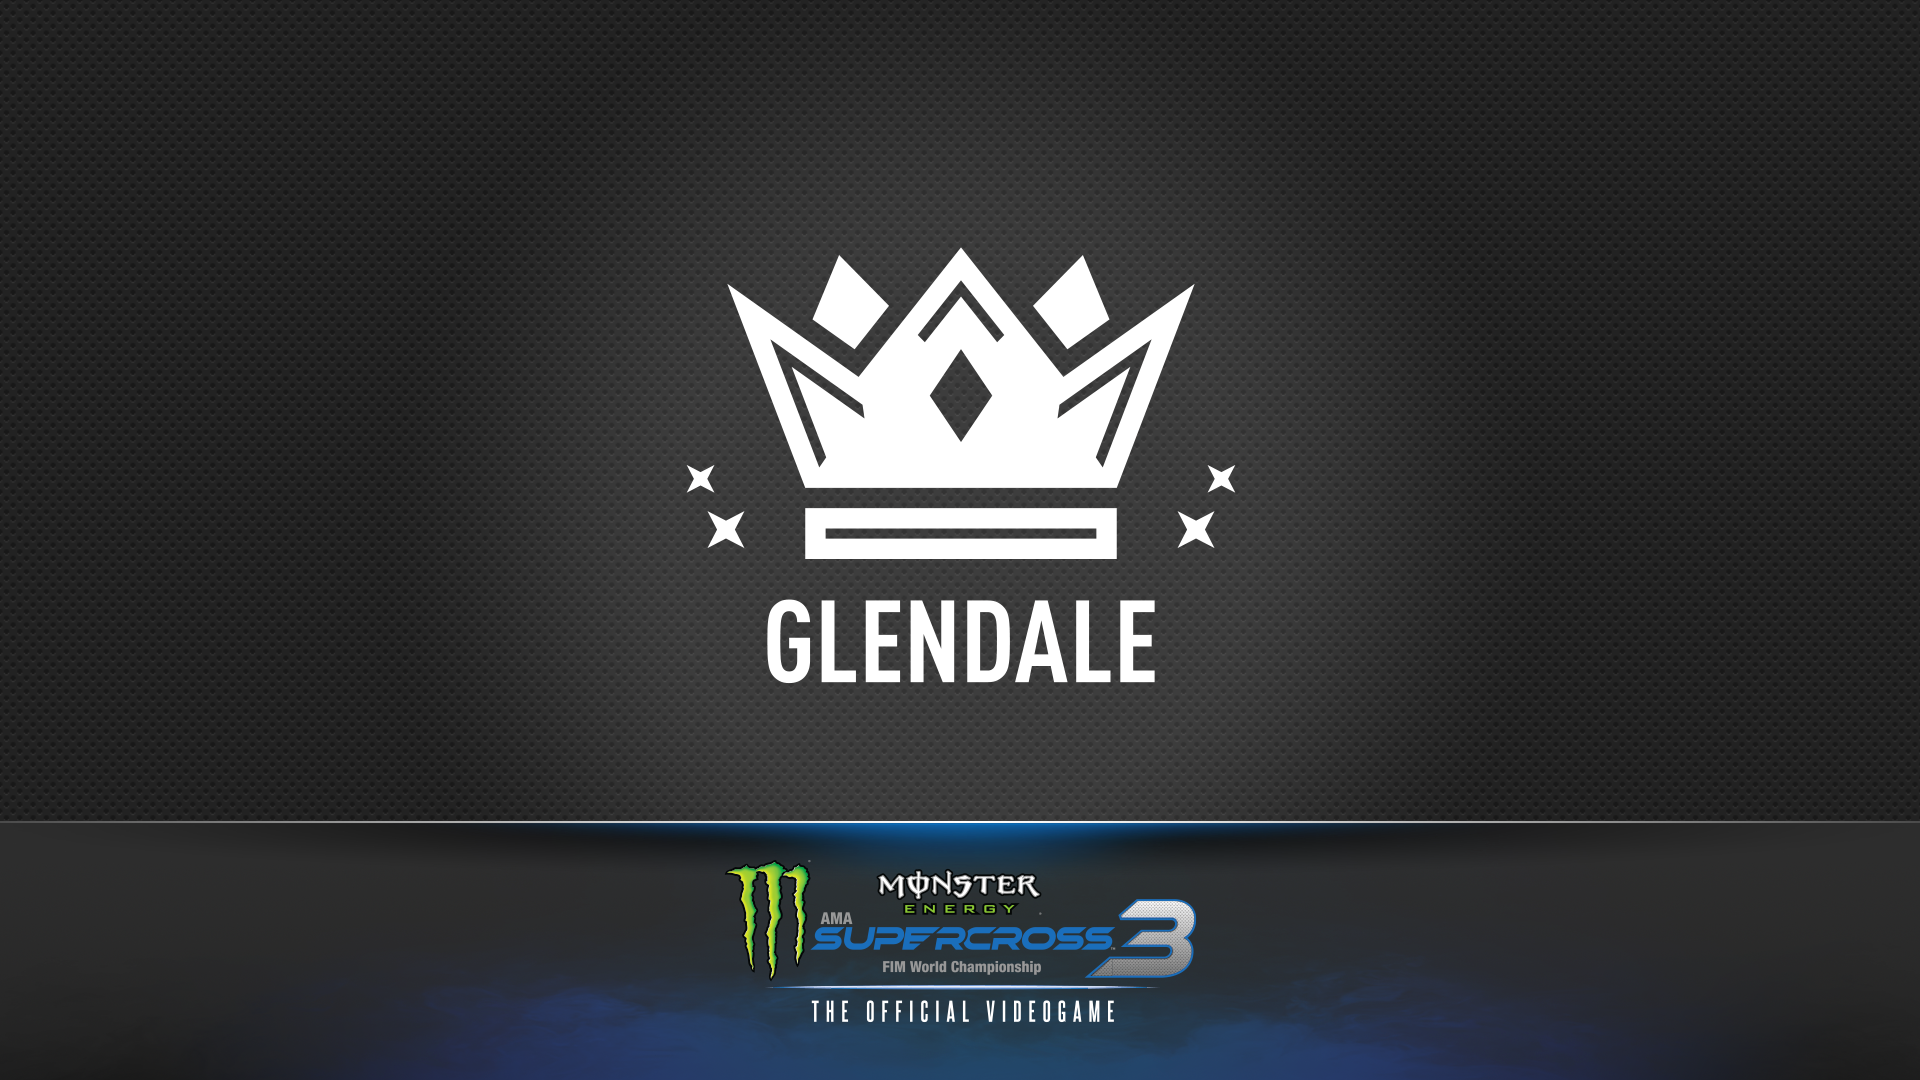 King of Glendale